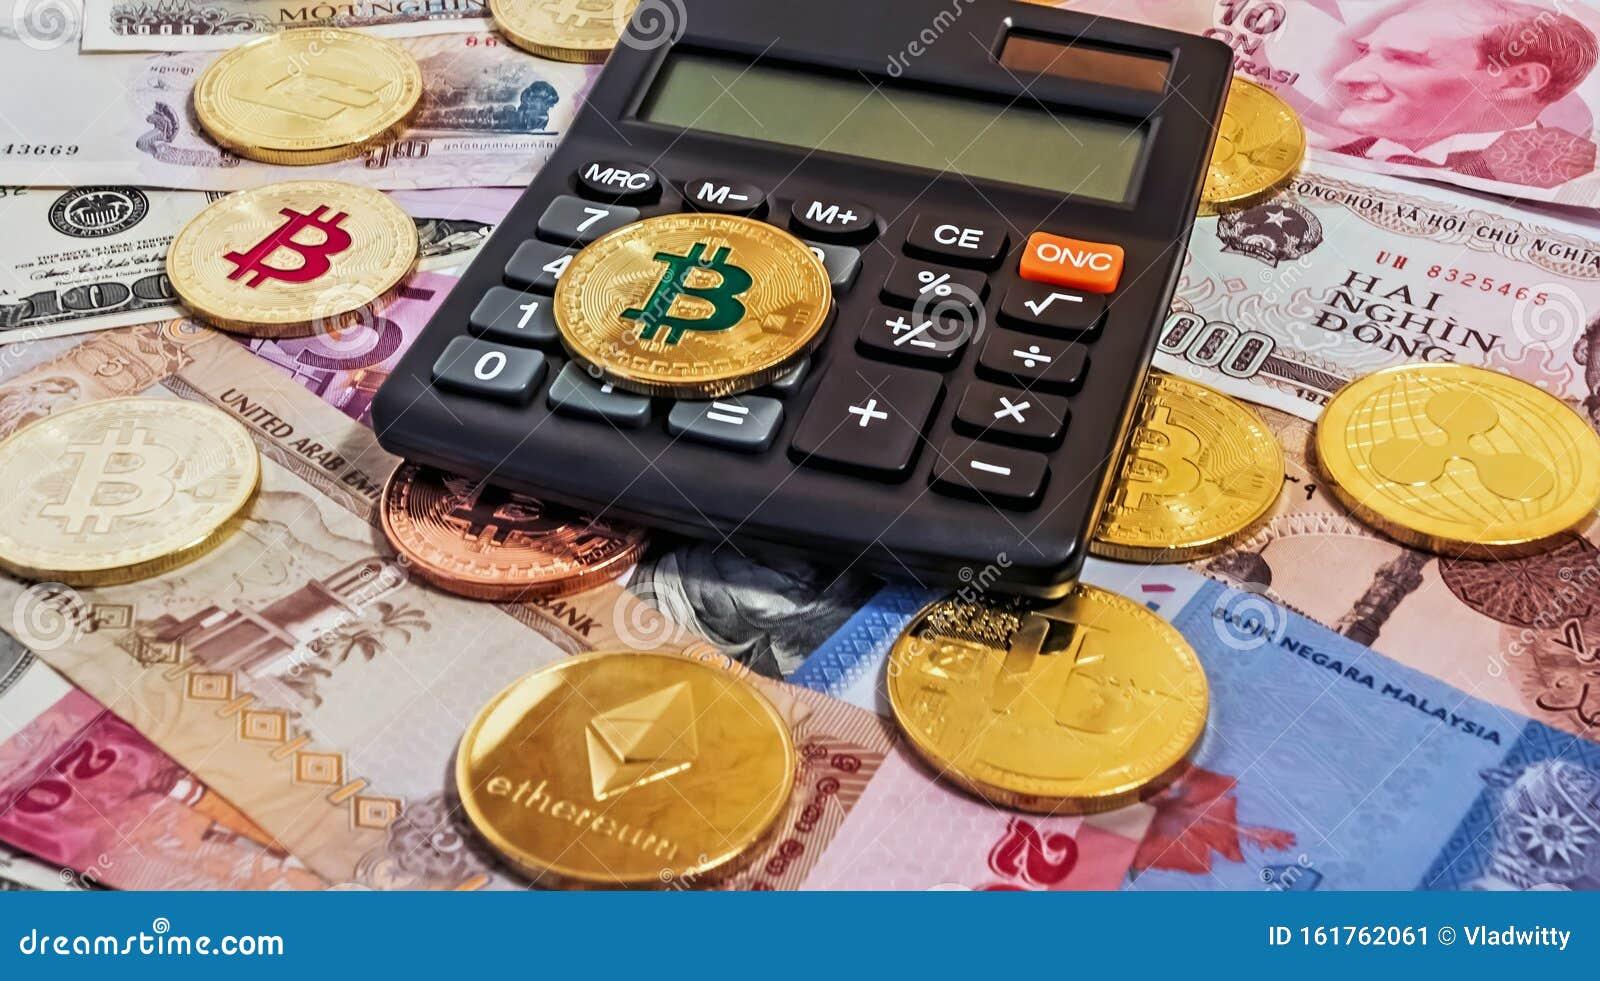 bitcoin saving calculator